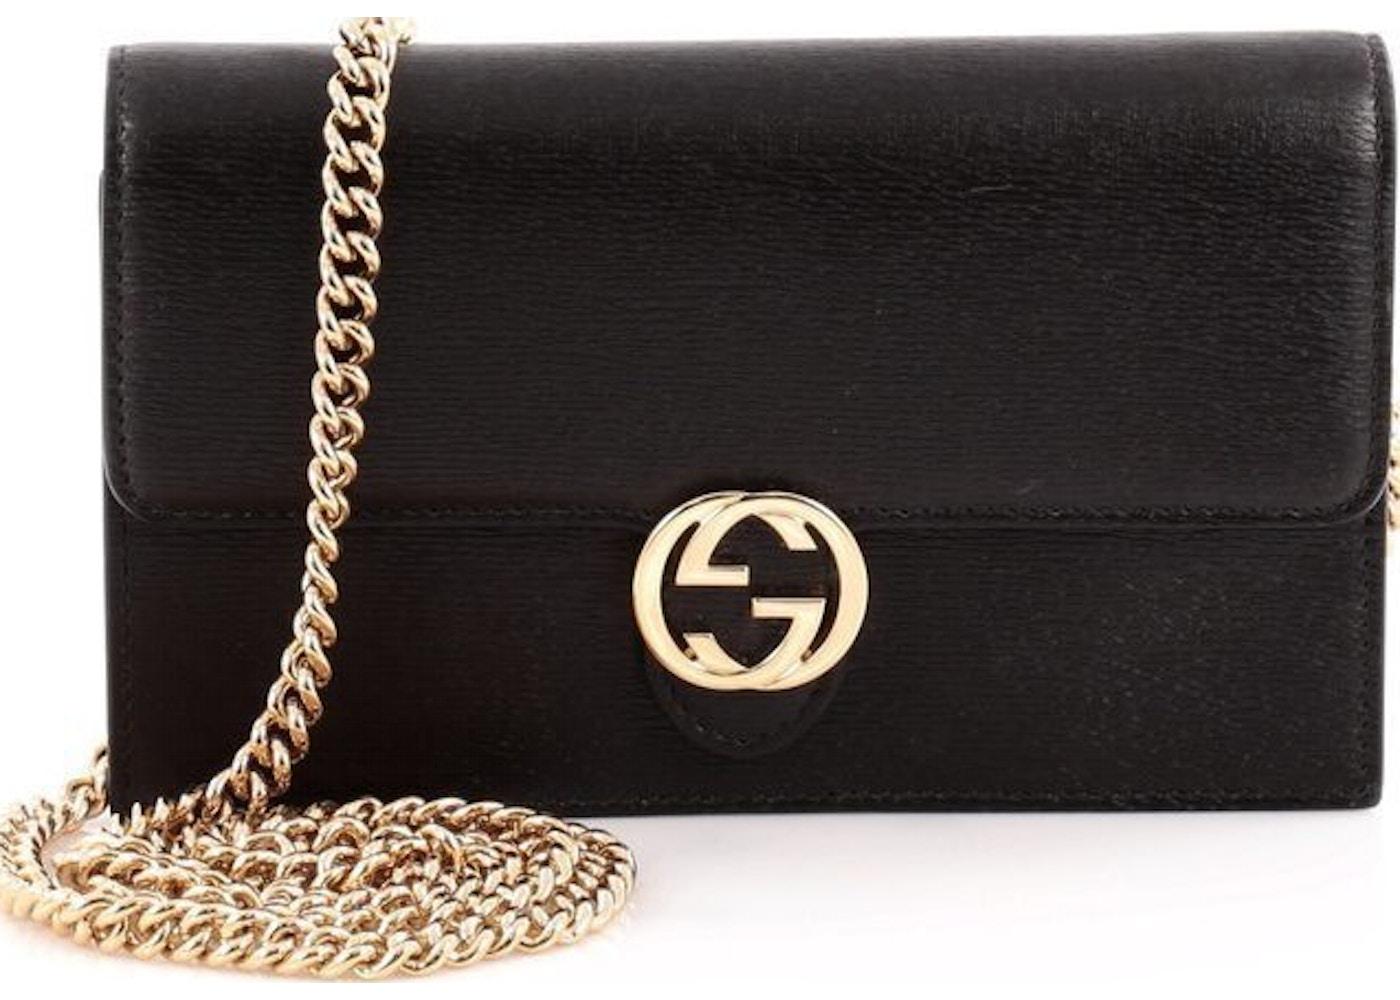 845385ff22a9 Gucci Interlocking Chain Wallet Crossbody Black. Black